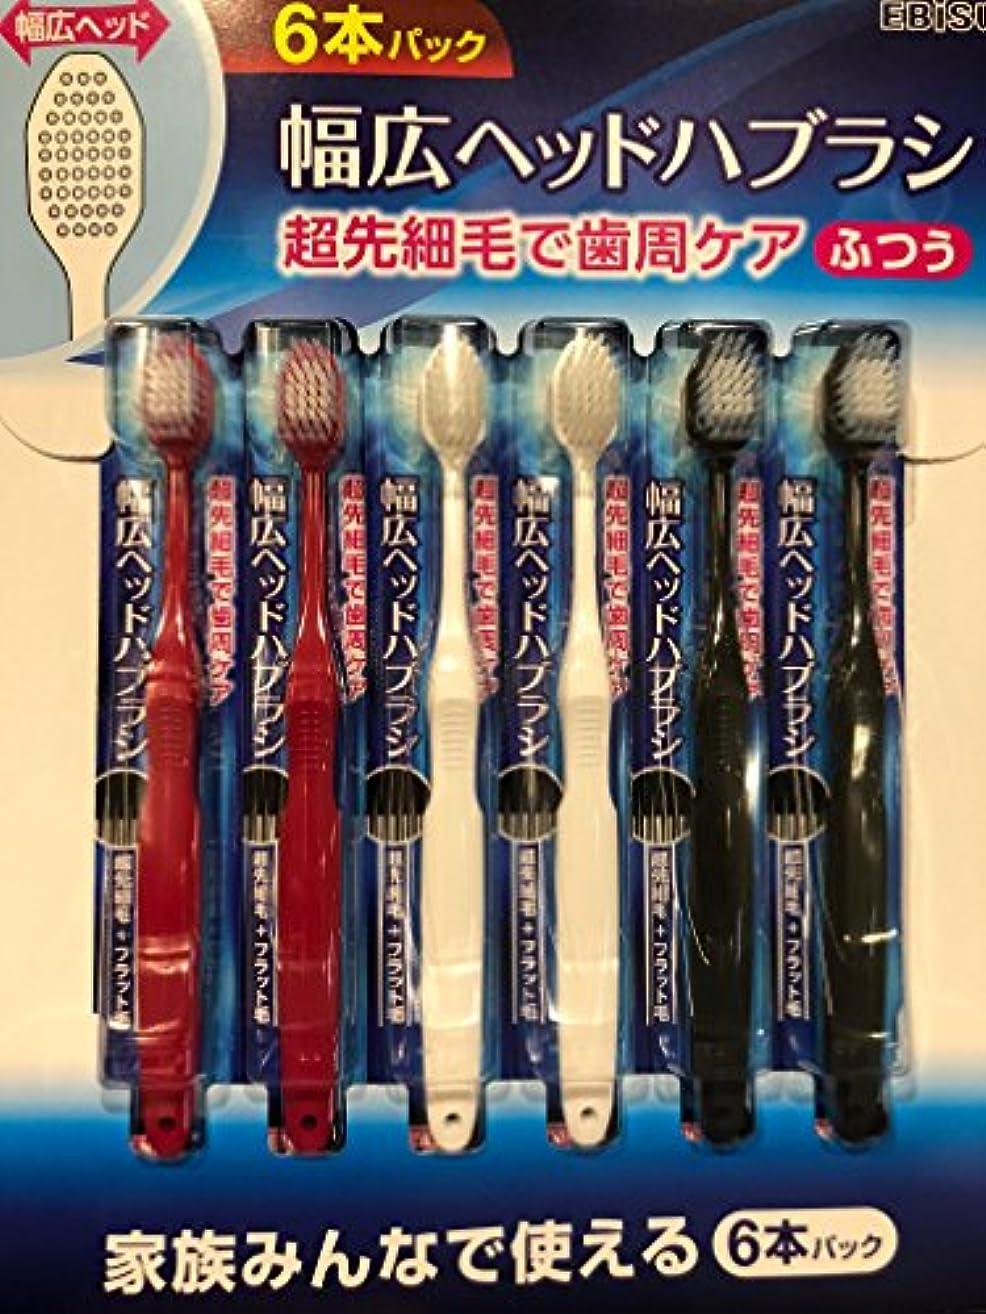 フレアために襟幅広ヘッドハブラシ 歯ブラシ 【ふつう】ボリューム6本パック (黒 白 赤 各2本ずつ) 家族みんなで使える!